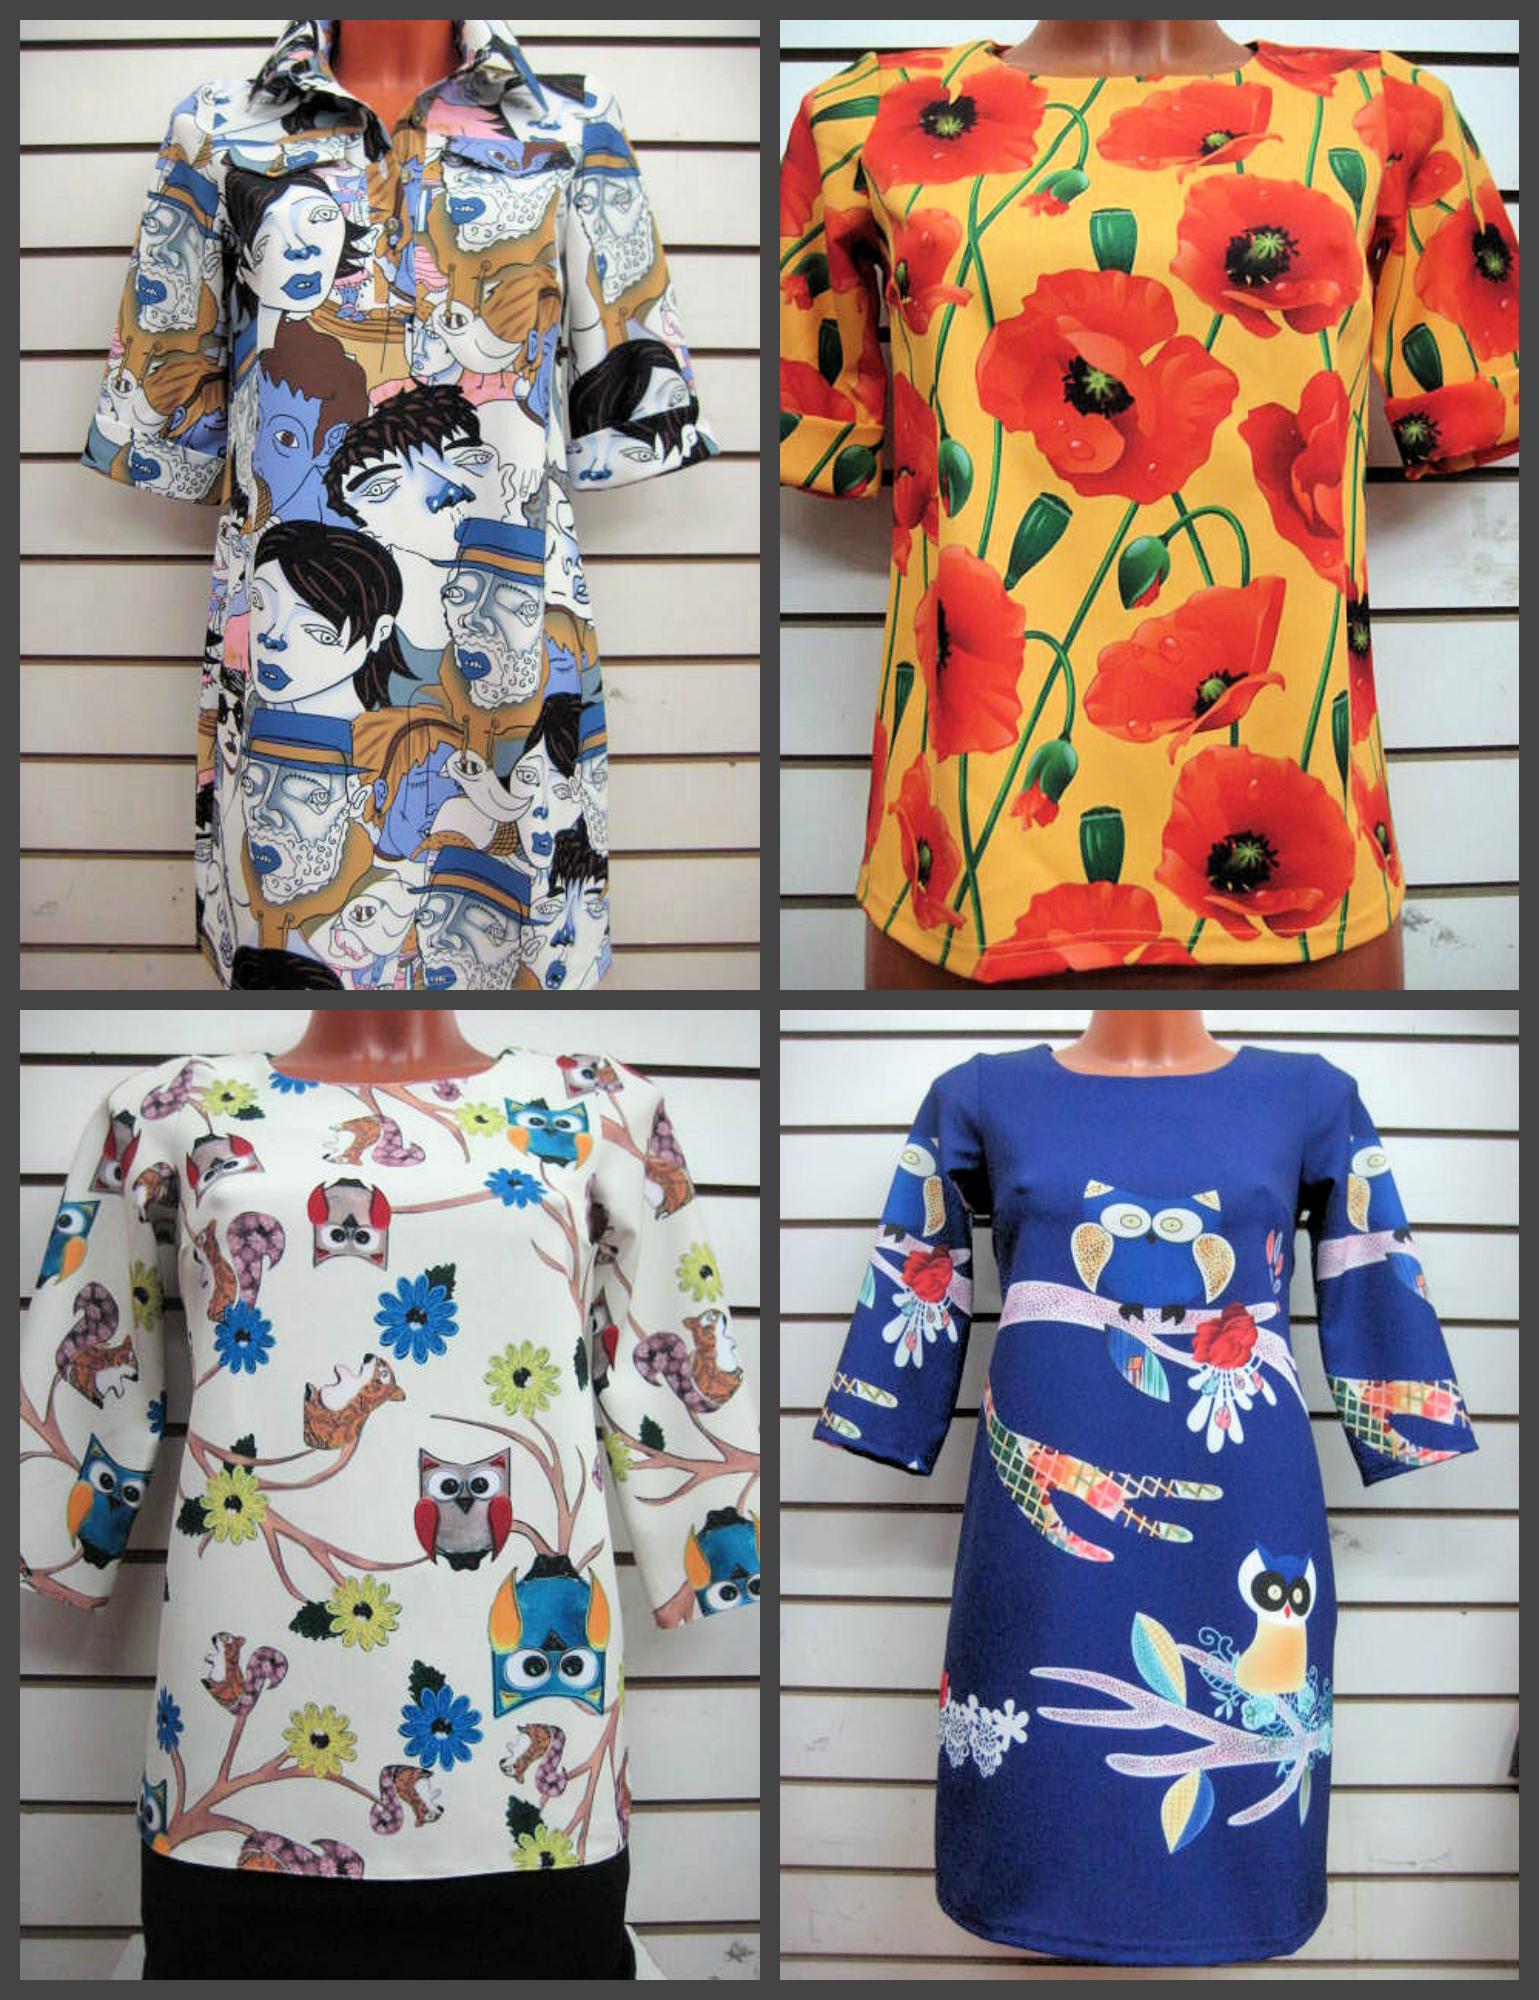 Сбор заказов. Женская одежда отменного качества ,соответствующая современным модным тенденциям Lisaasil. Размеры от 42